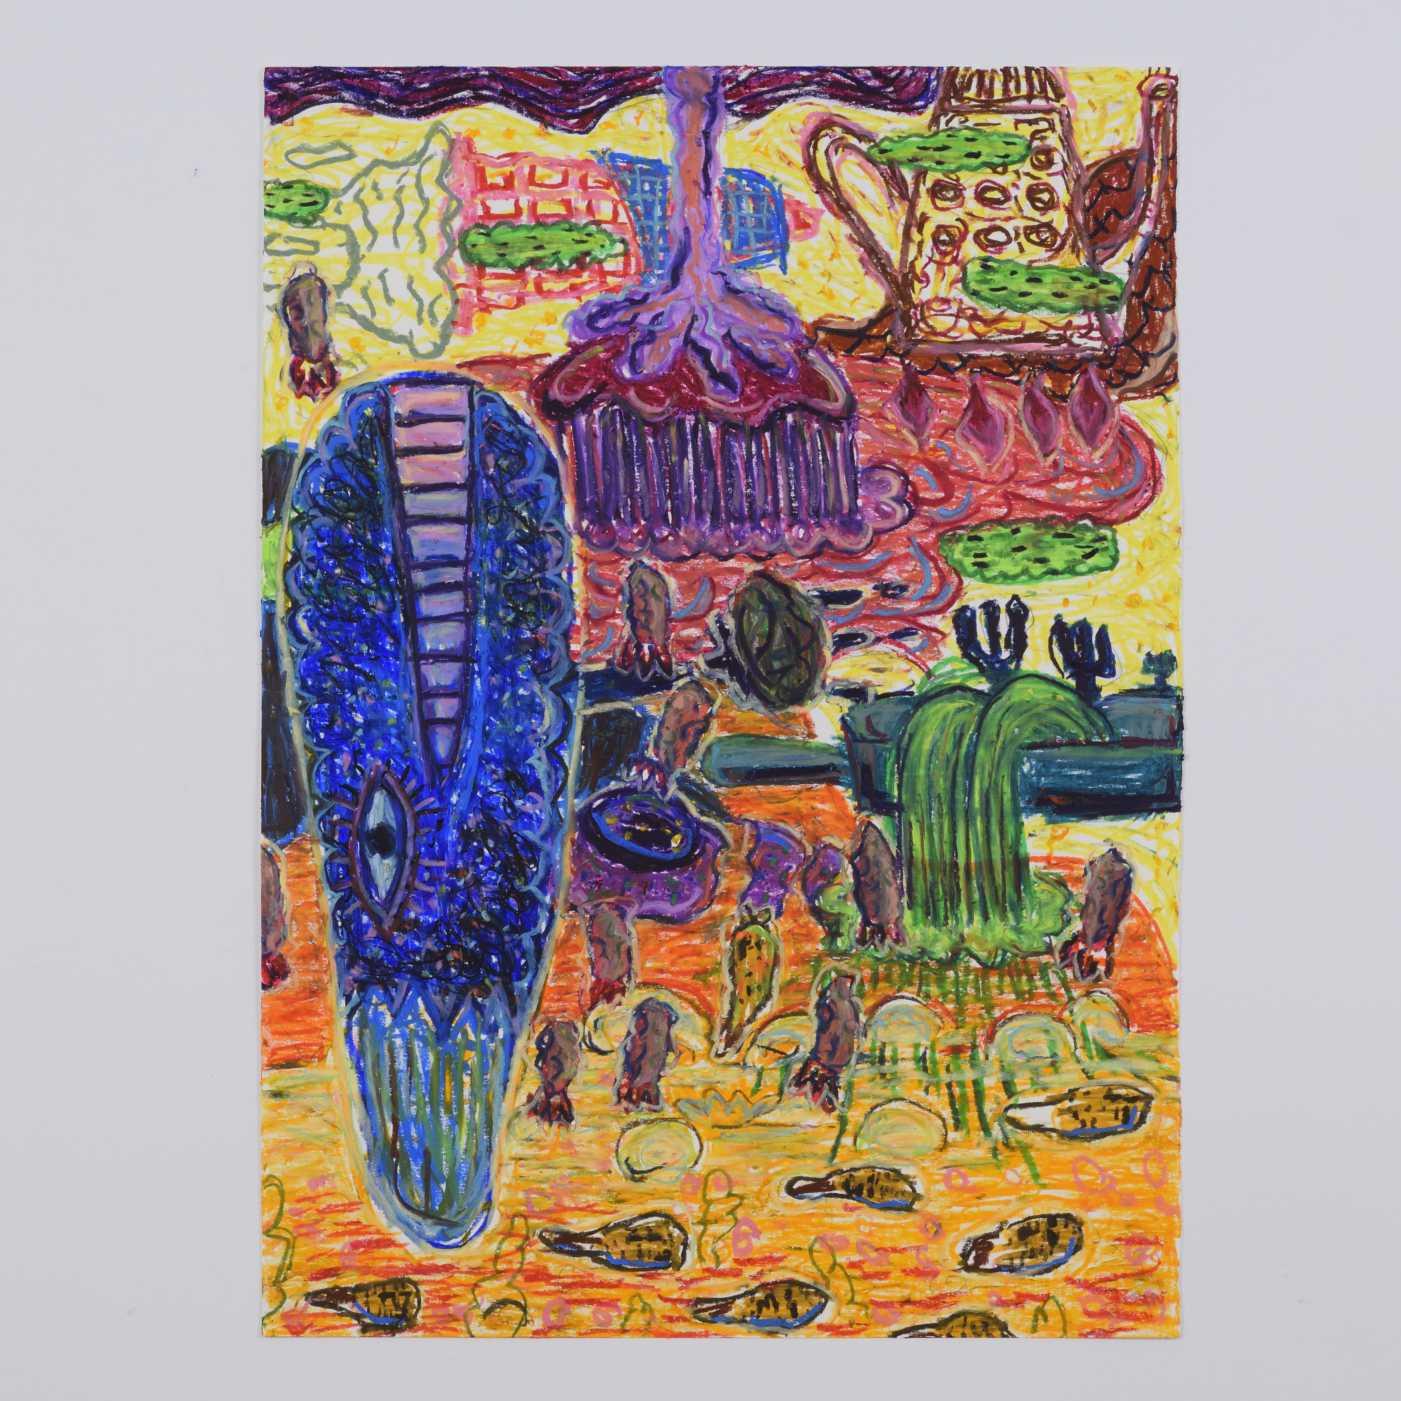 Frydora Immagine della tua opera d'arte appesa al muro